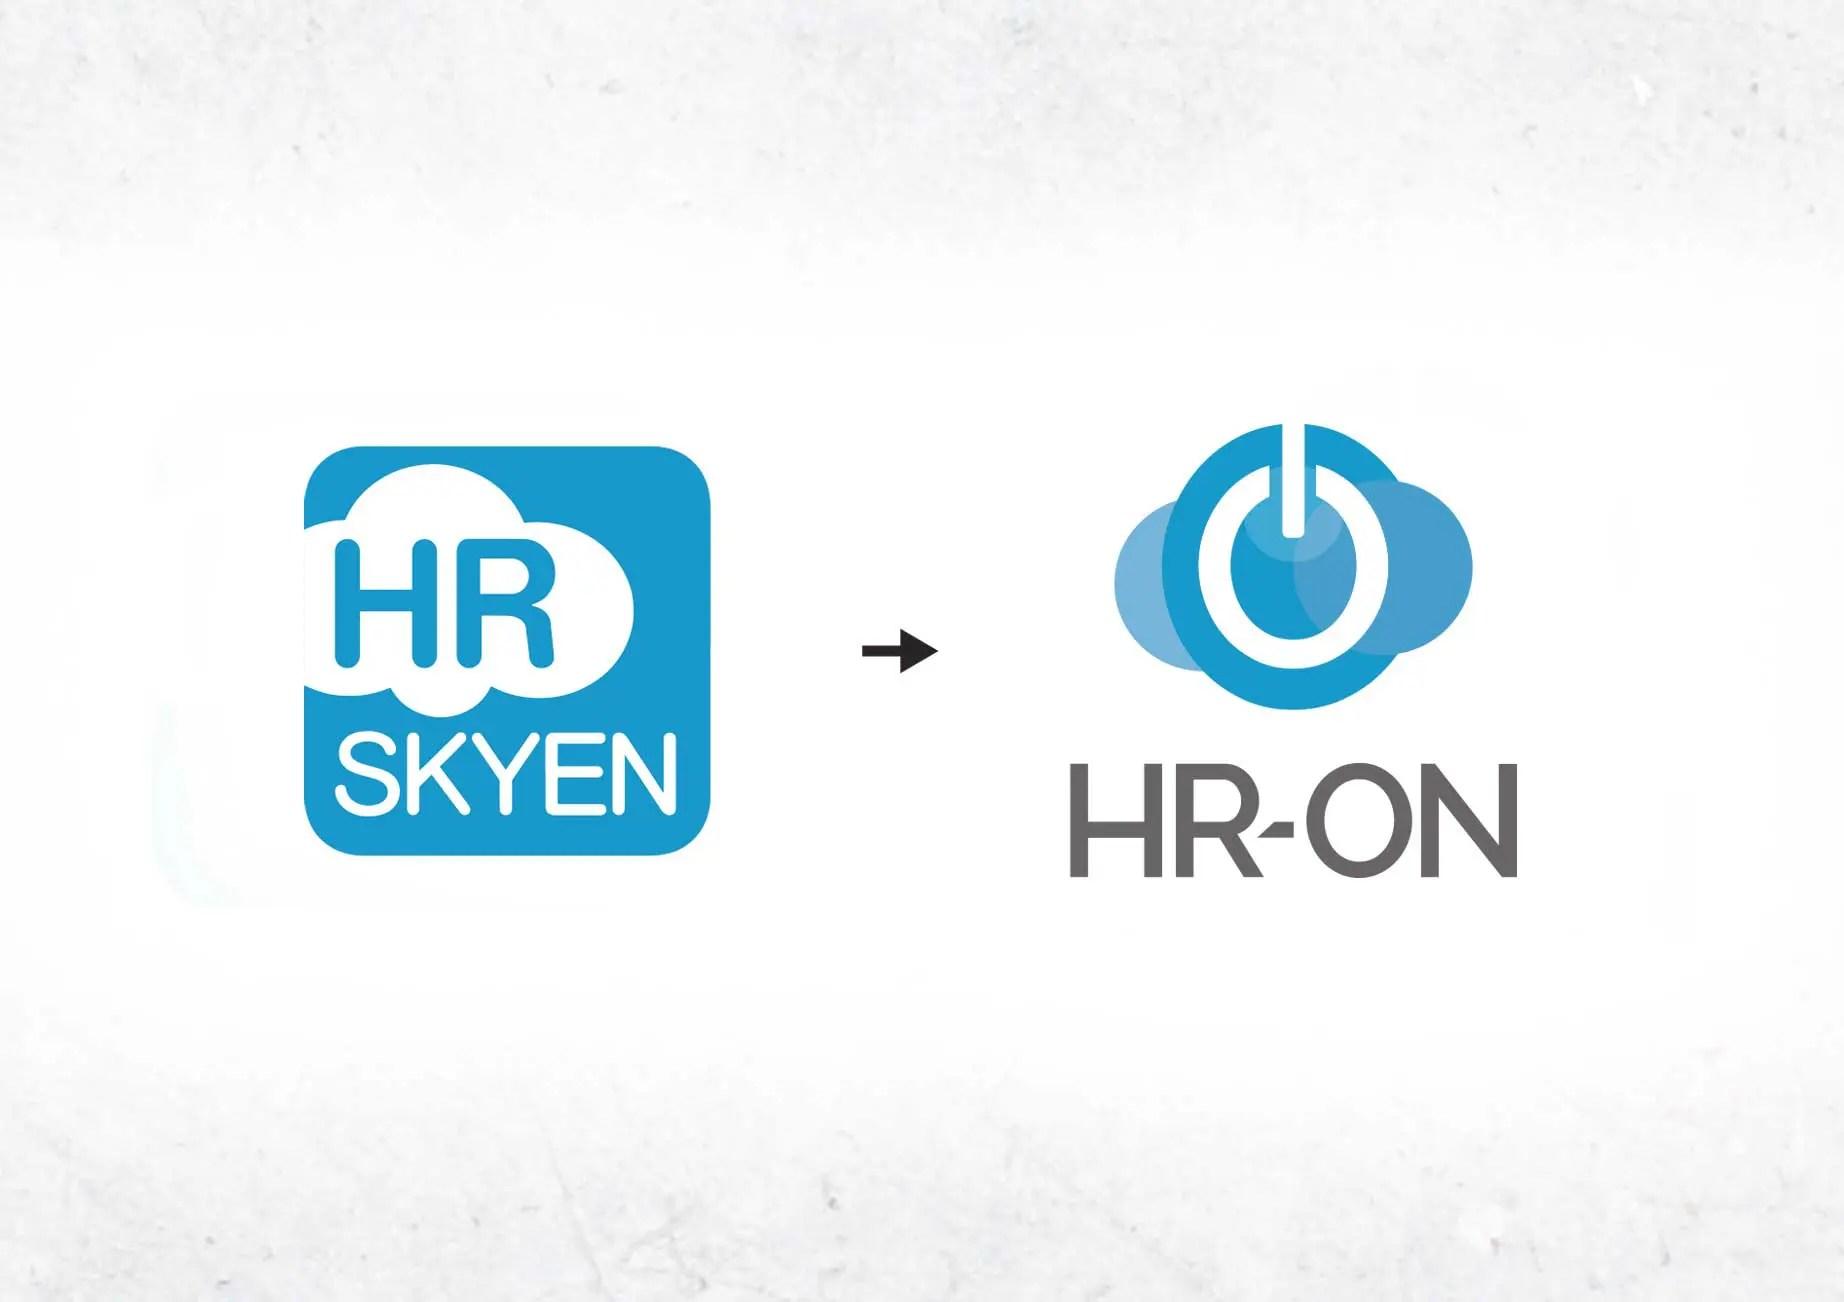 Billede af Hr-on der skifter logo og navn fra Hr-skyen og Hr-on